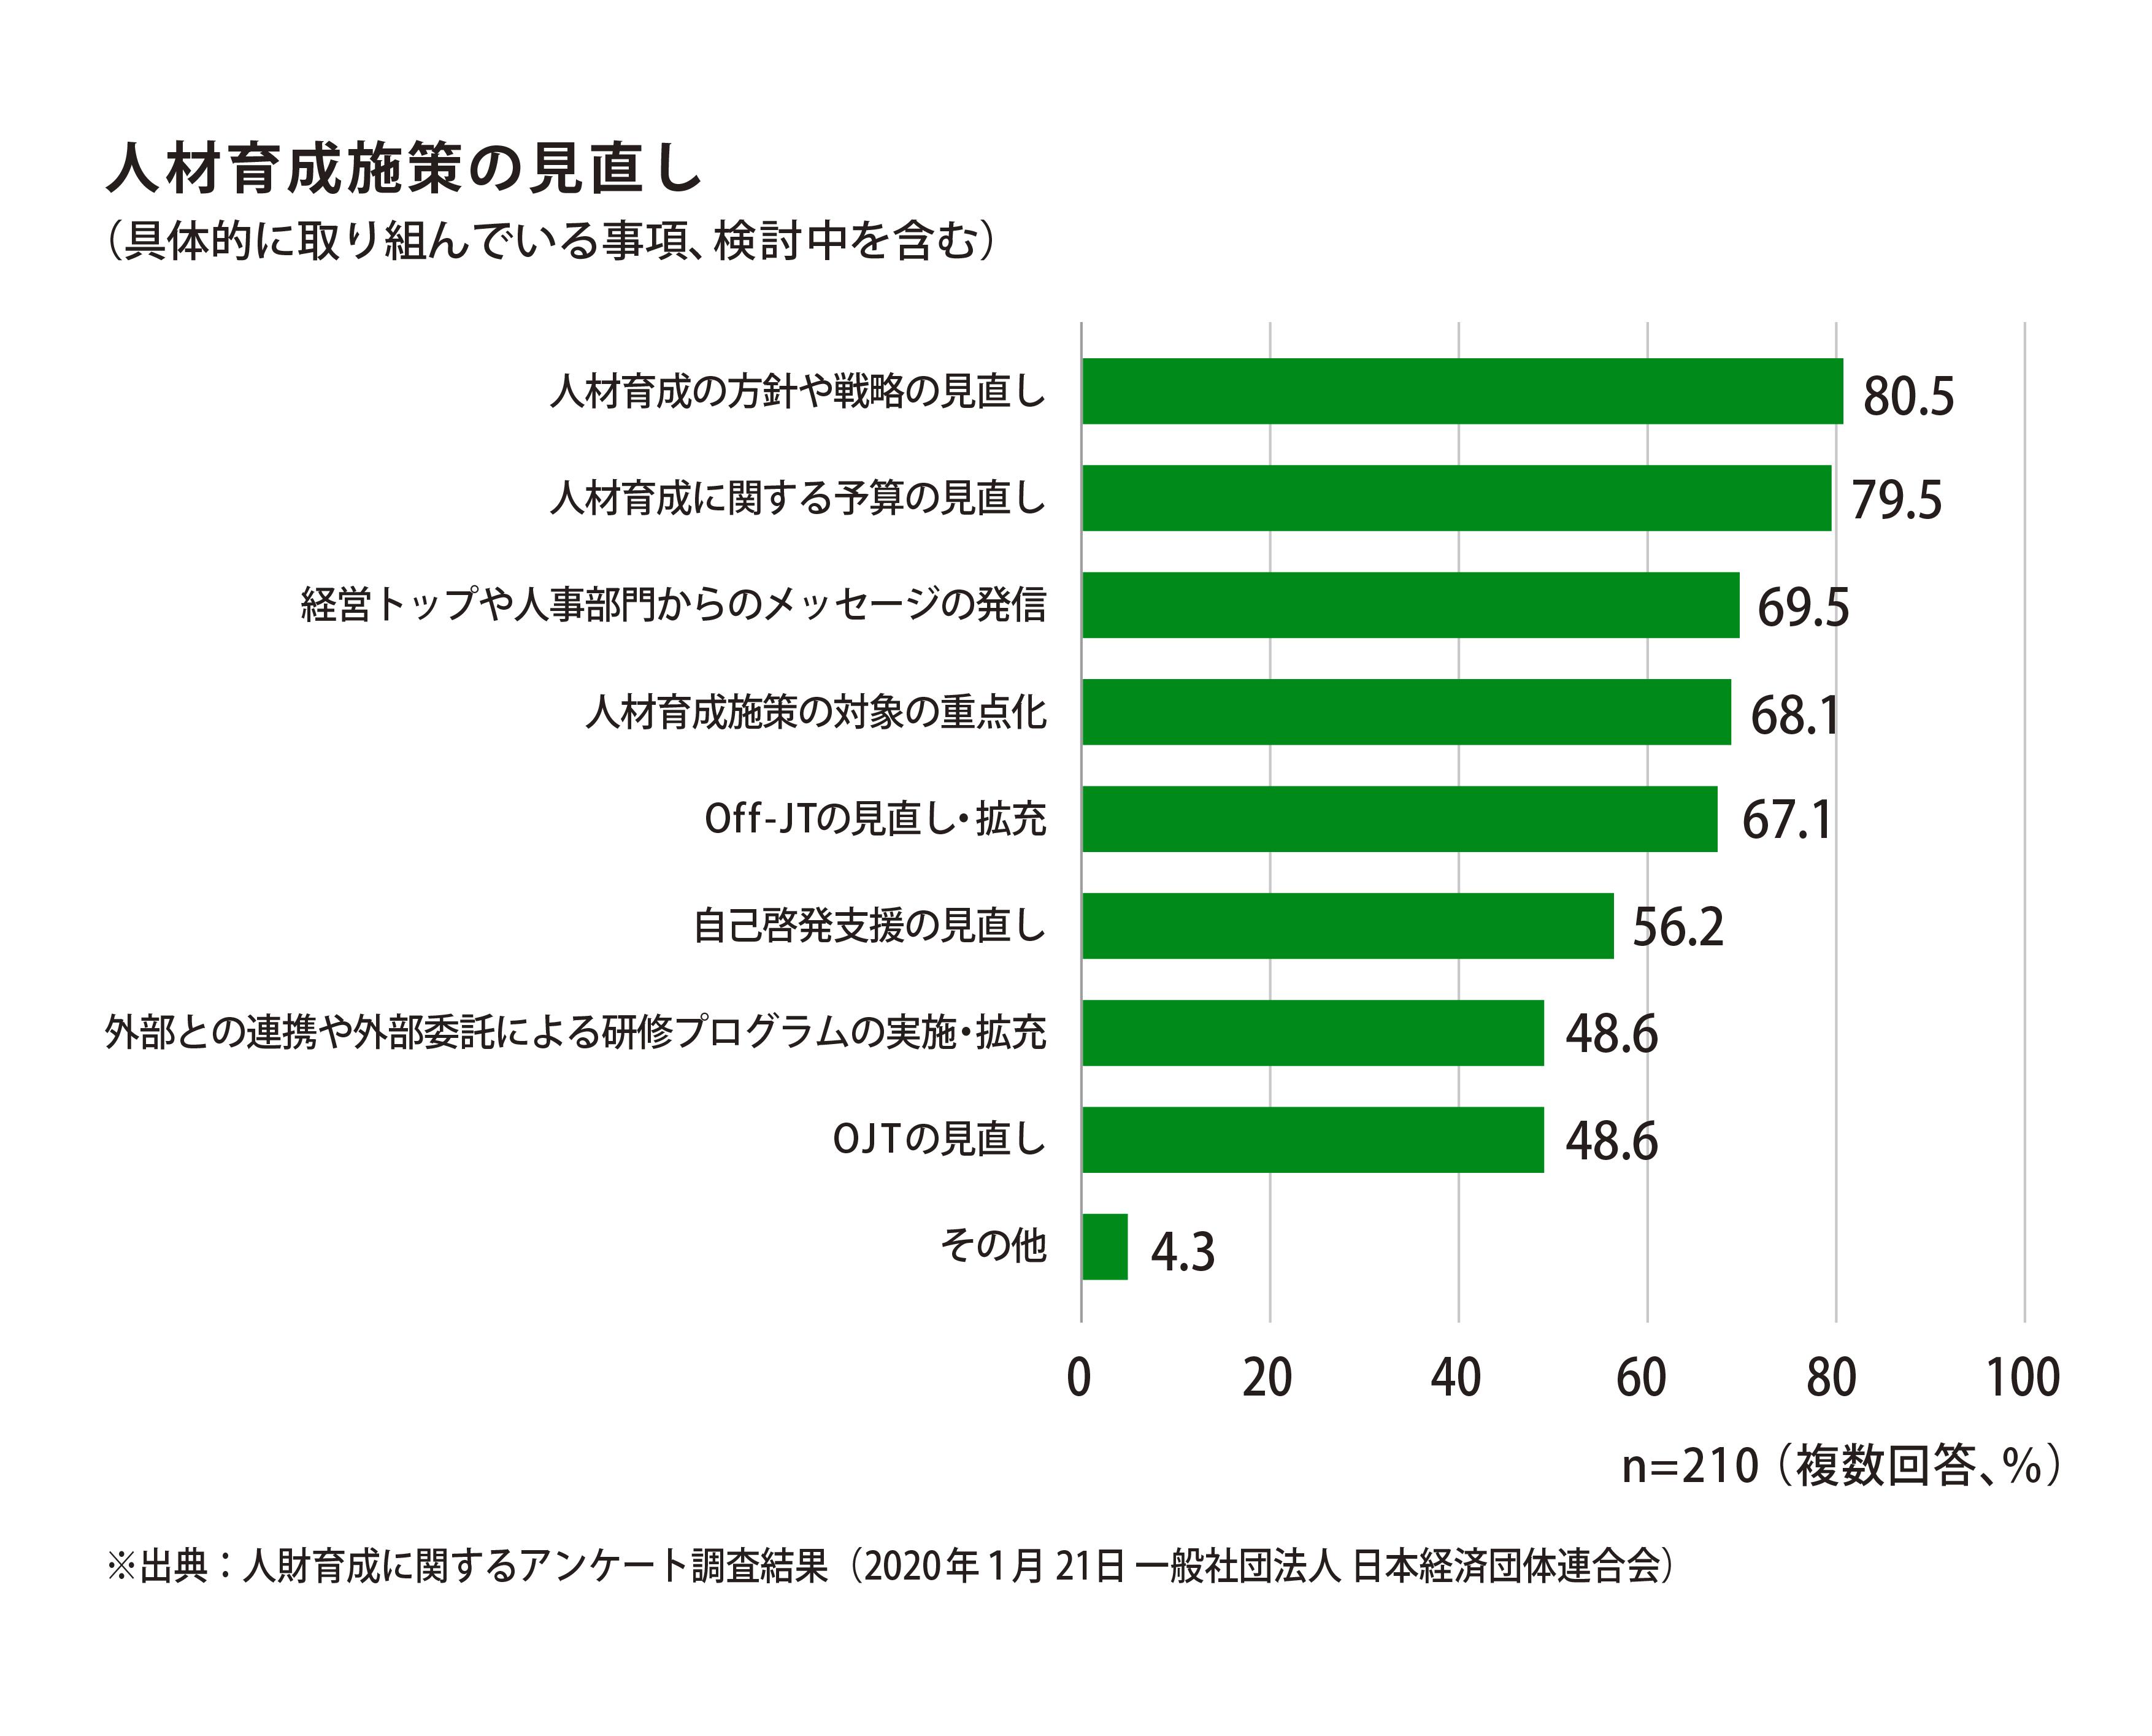 人事施策の見直しとして具体的に取り組んでいる事項として「方針や戦略の見直し」が80.5%、「予算の見直し」が79.5%、「経営トップ等からのメッセージの発信」が69.5%